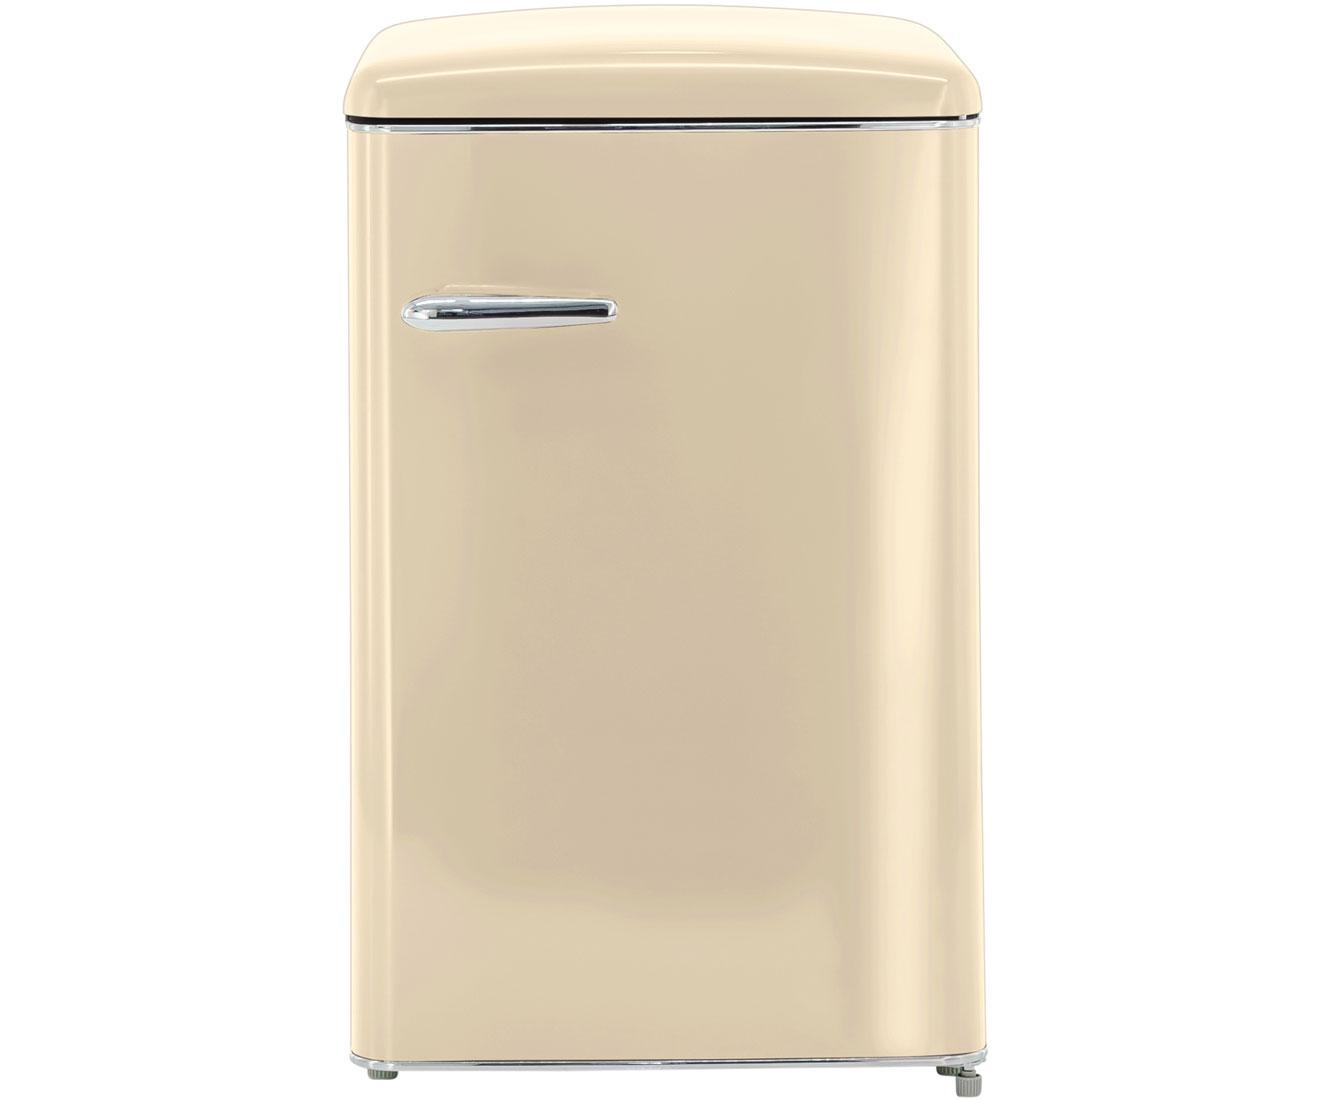 Retro Kühlschrank Weiss : Exquisit rks rva kühlschrank weiß retro design a